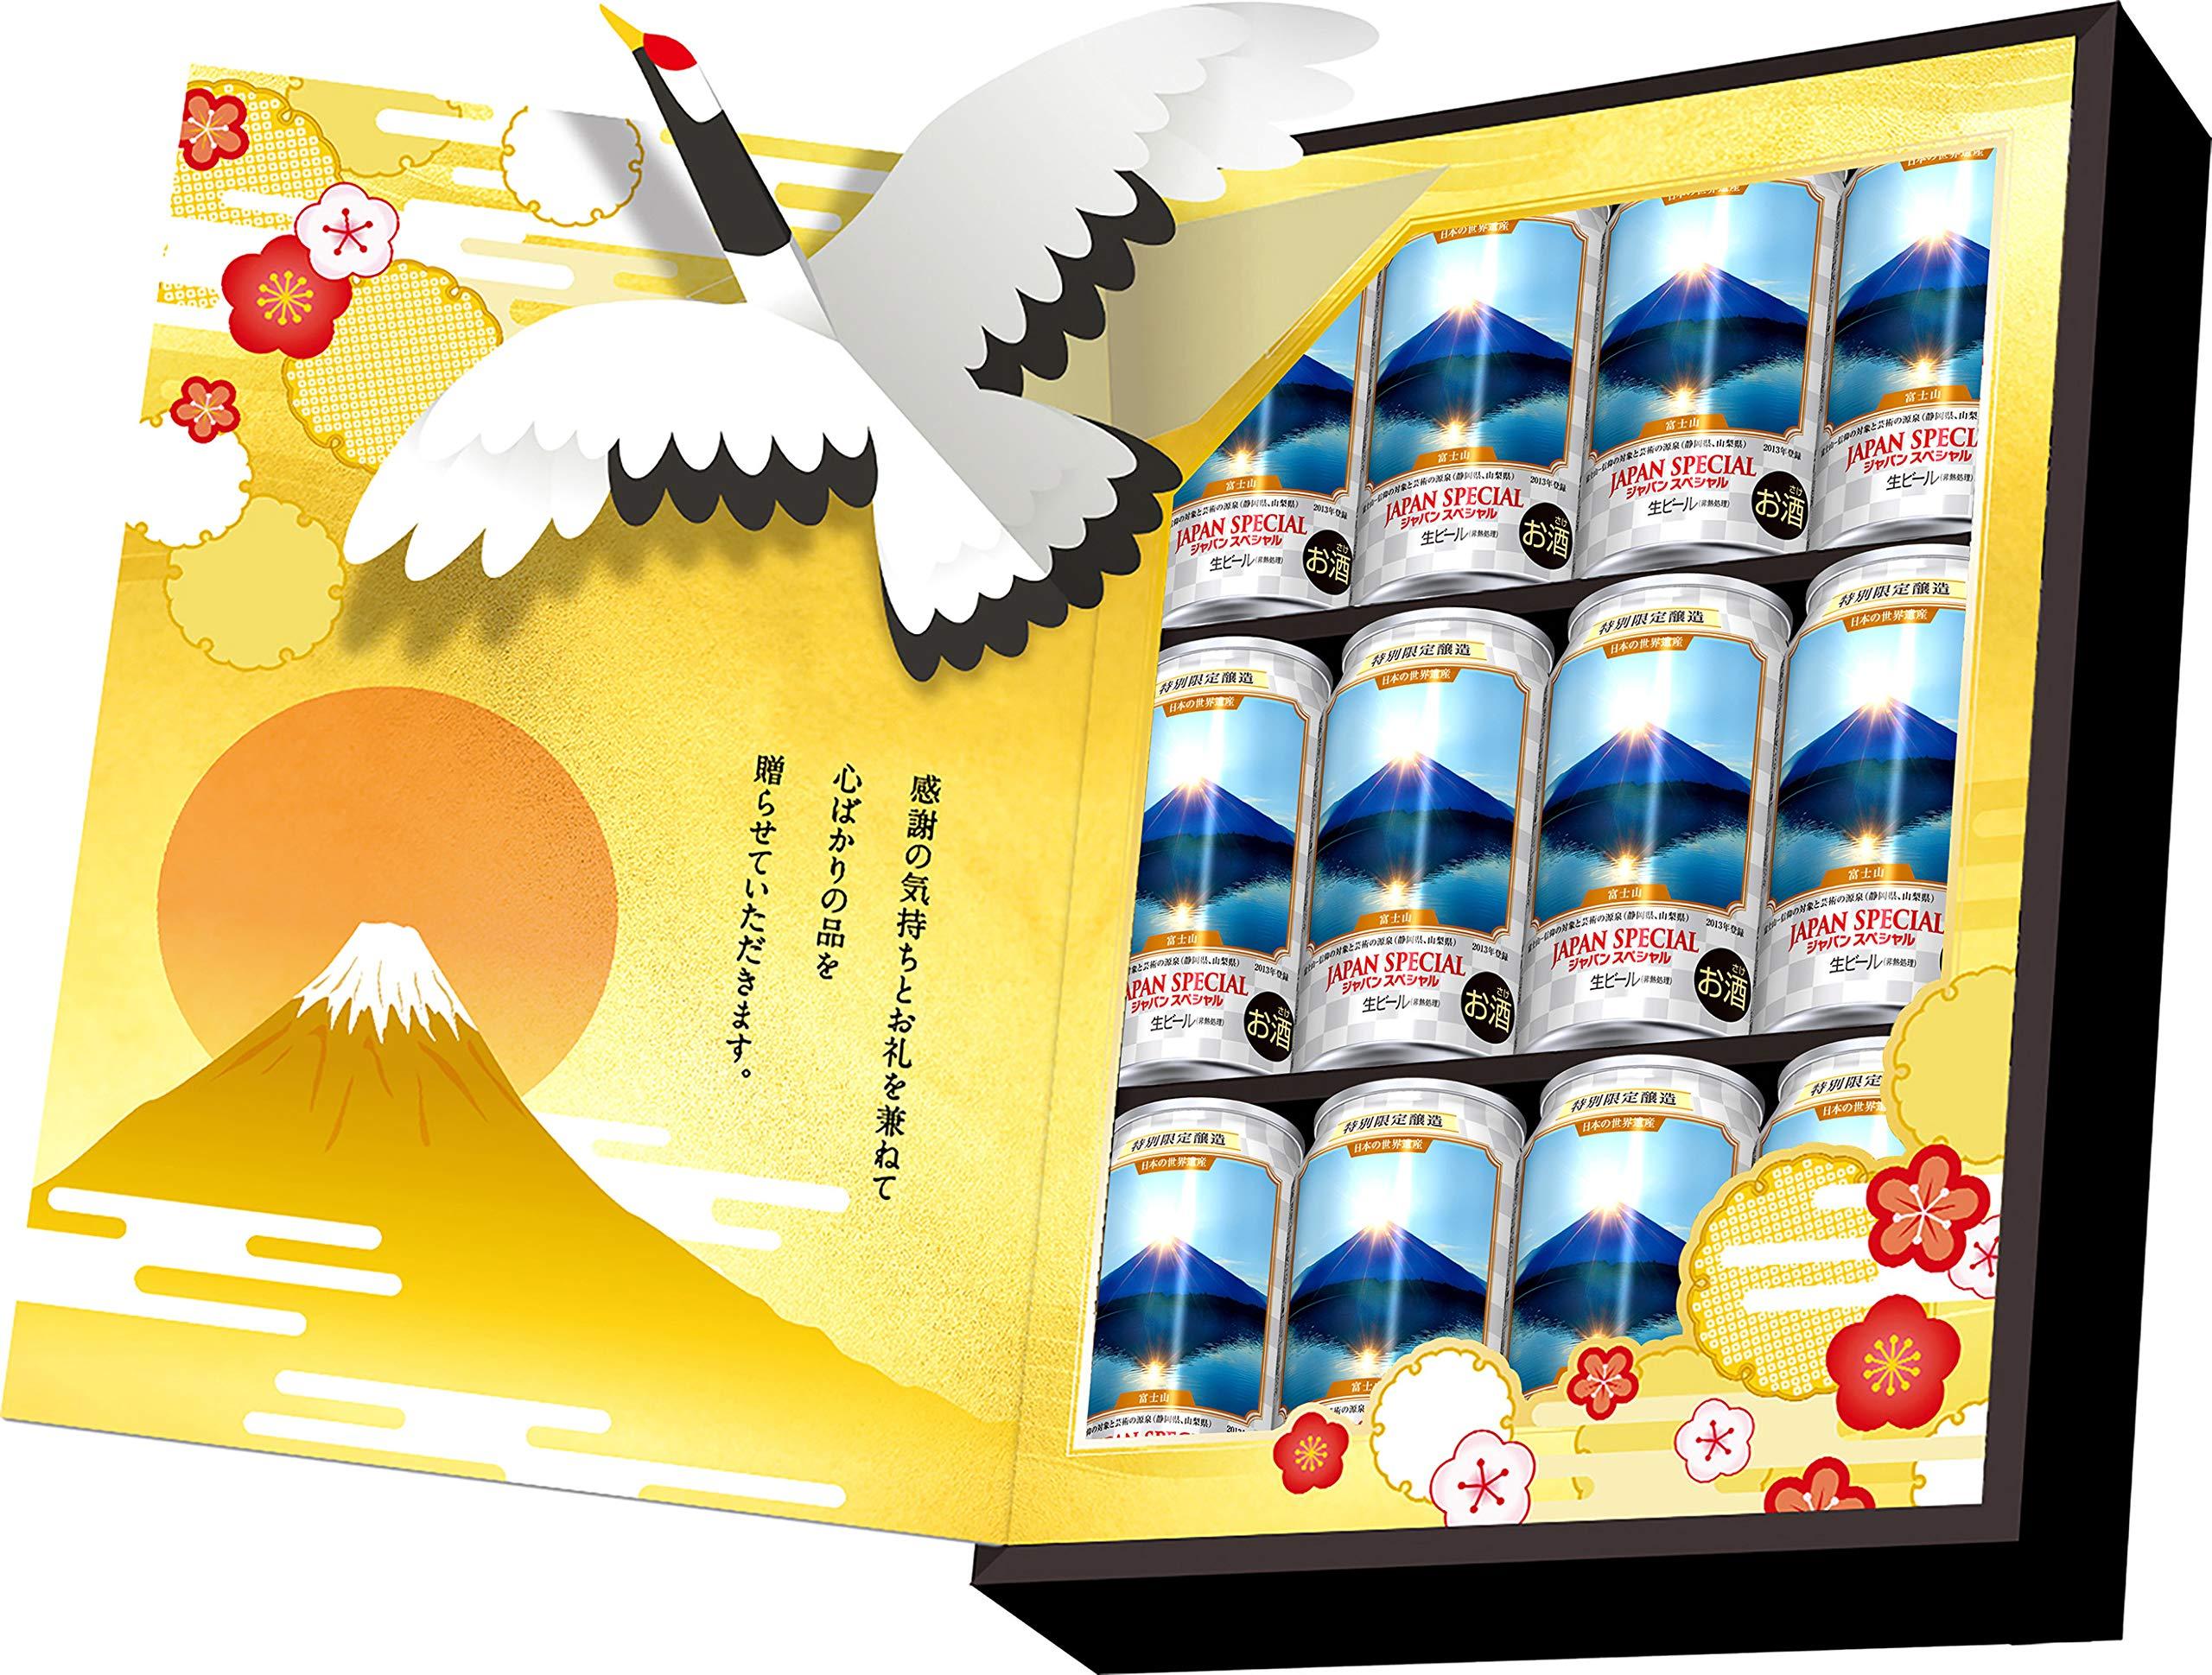 【Amazon.co.jp 限定】アサヒスーパードライジャパンスペシャル富士山缶ビールセット(JS-EG)350ml×12本